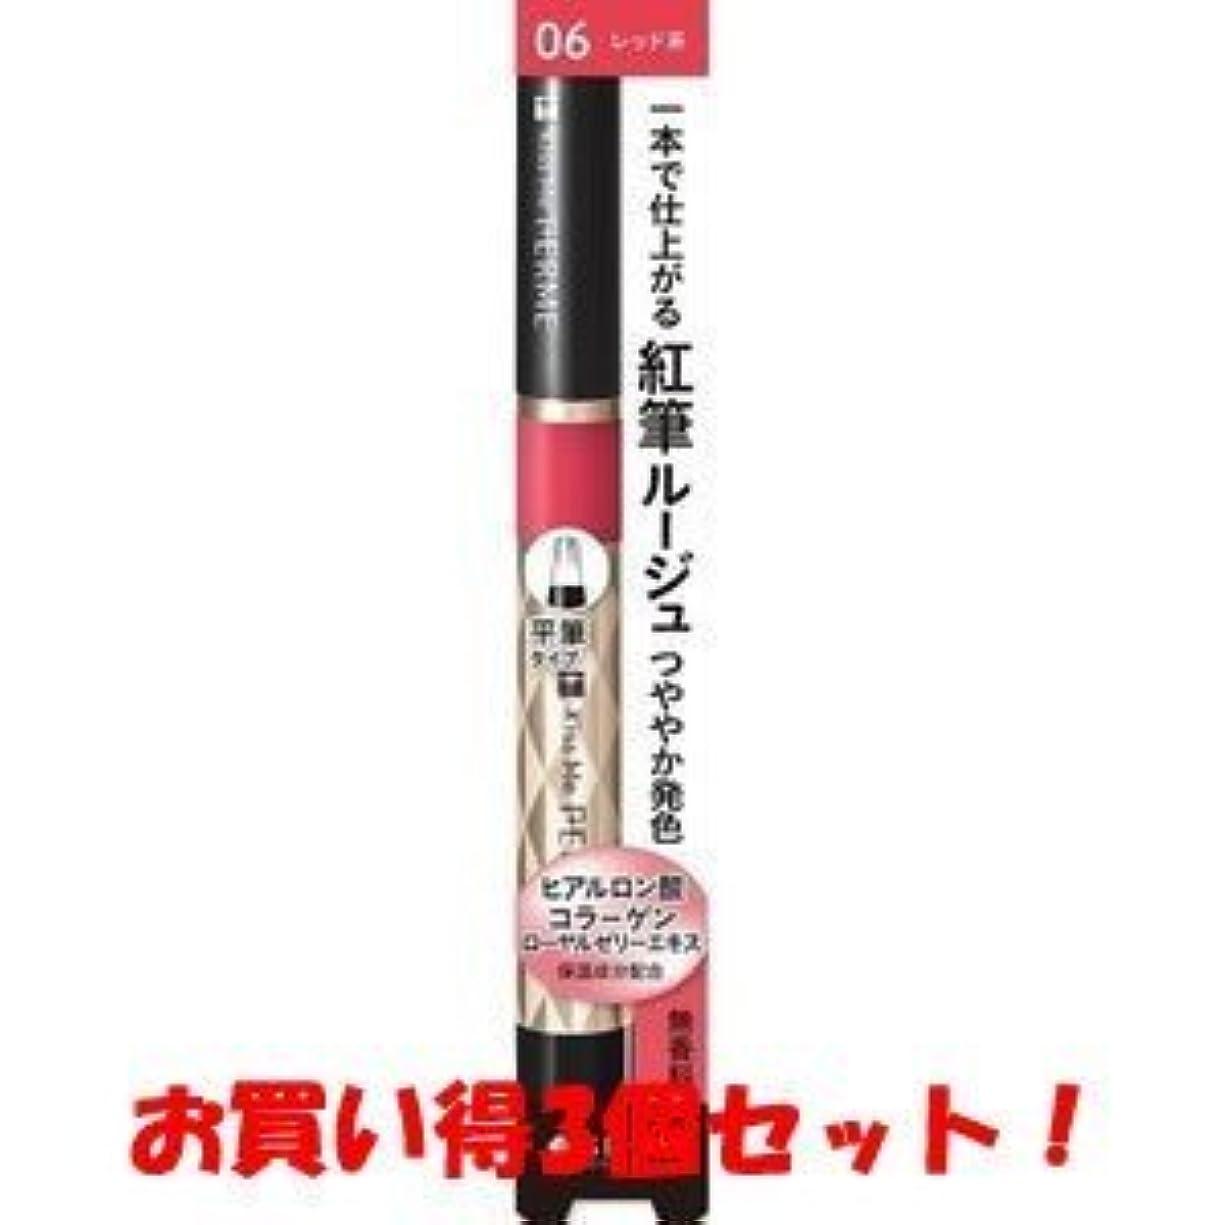 縮れた結果として抽象(伊勢半)キスミー フェルム 紅筆リキッドルージュ 06 明るいレッド 1.9g(お買い得3個セット)